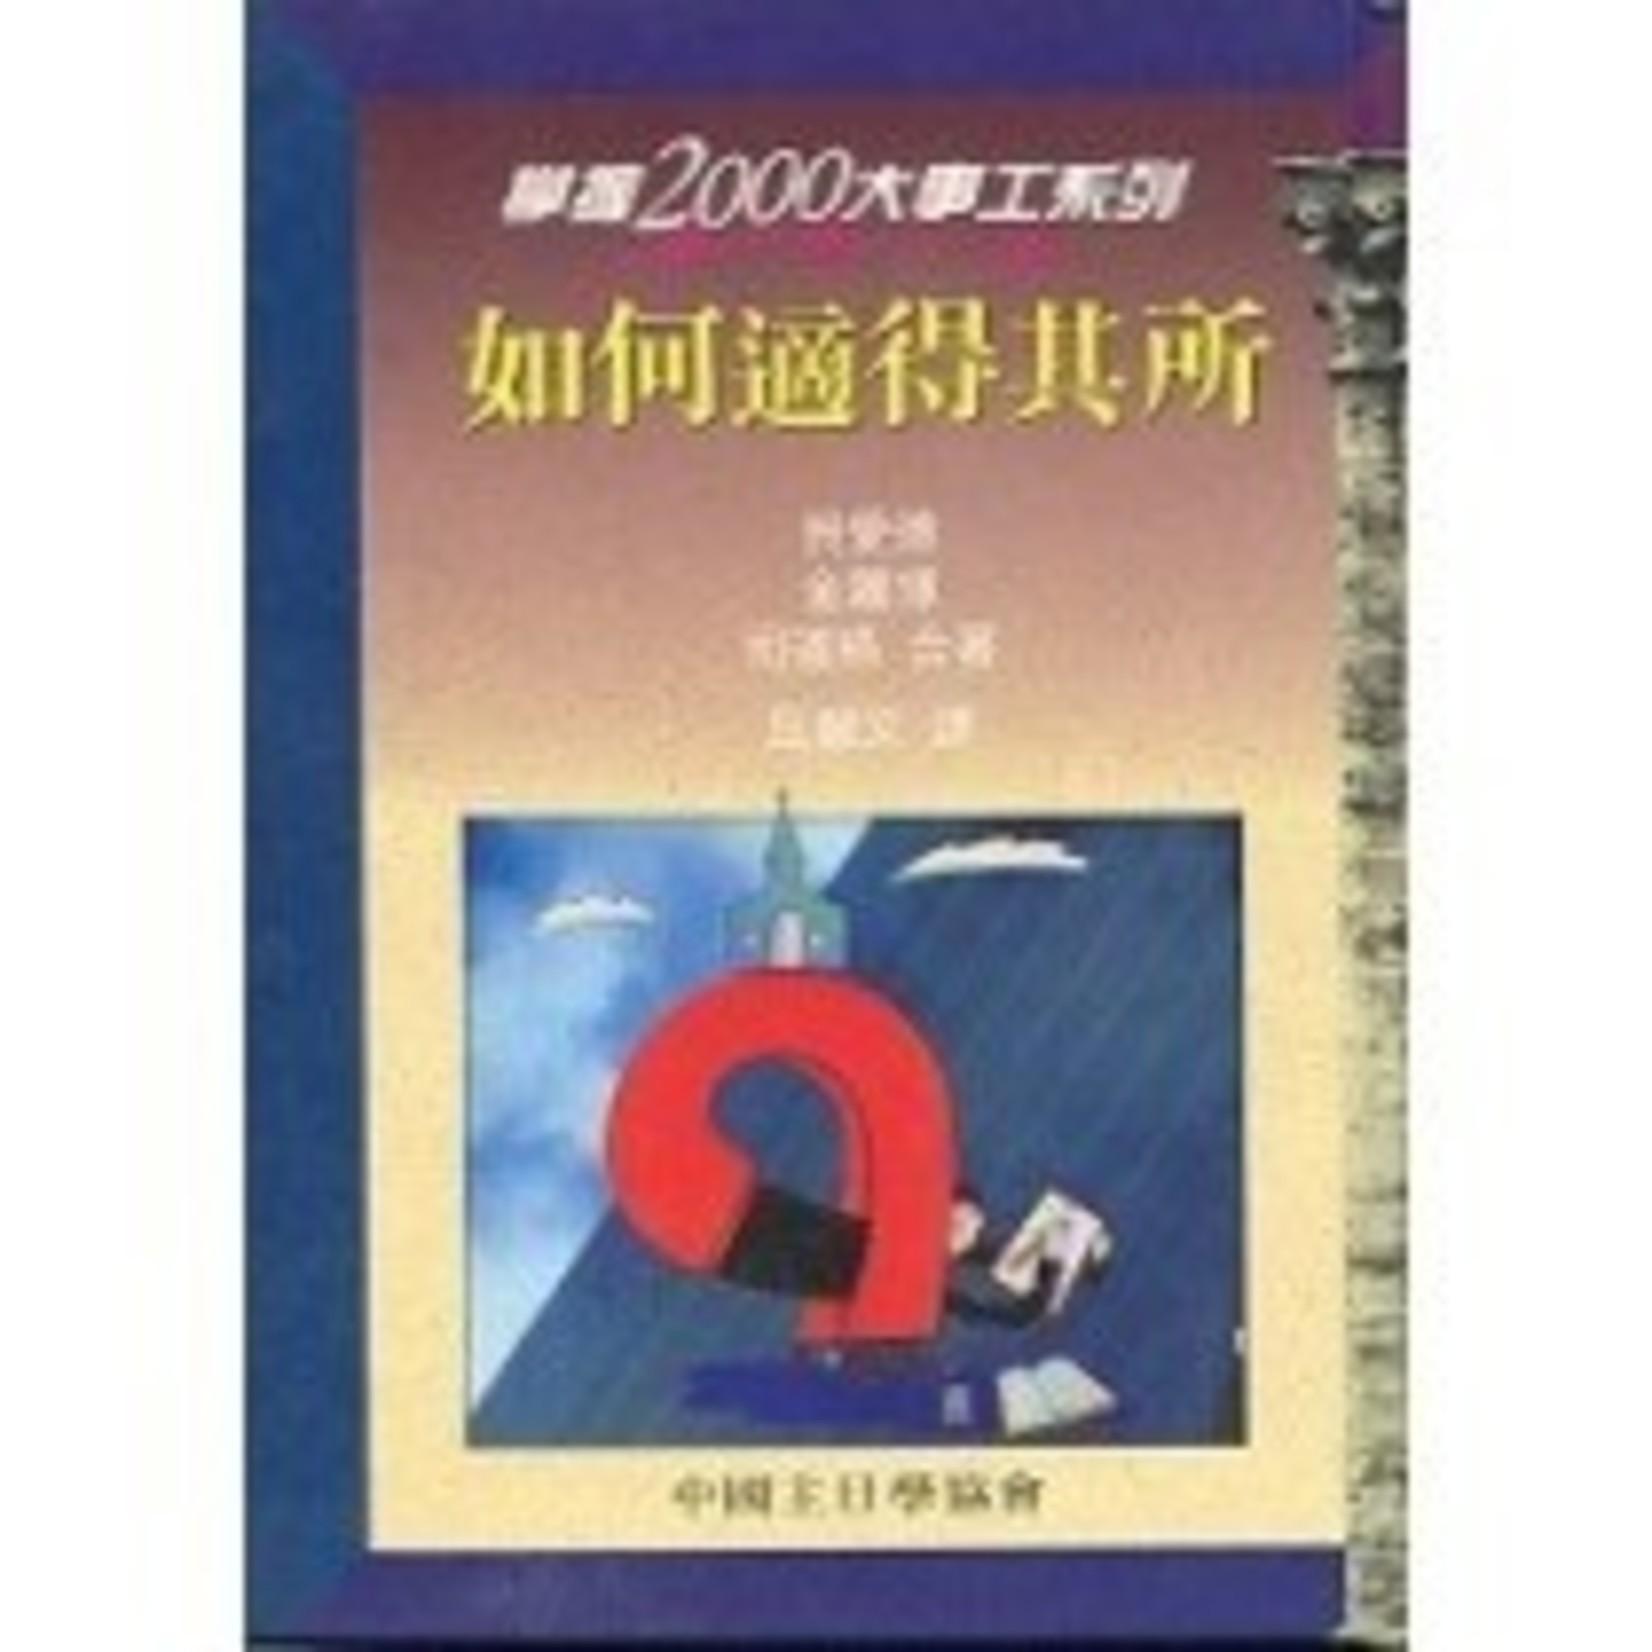 中國主日學協會 China Sunday School Association 如何適得其所(掌握2000大事工系列)